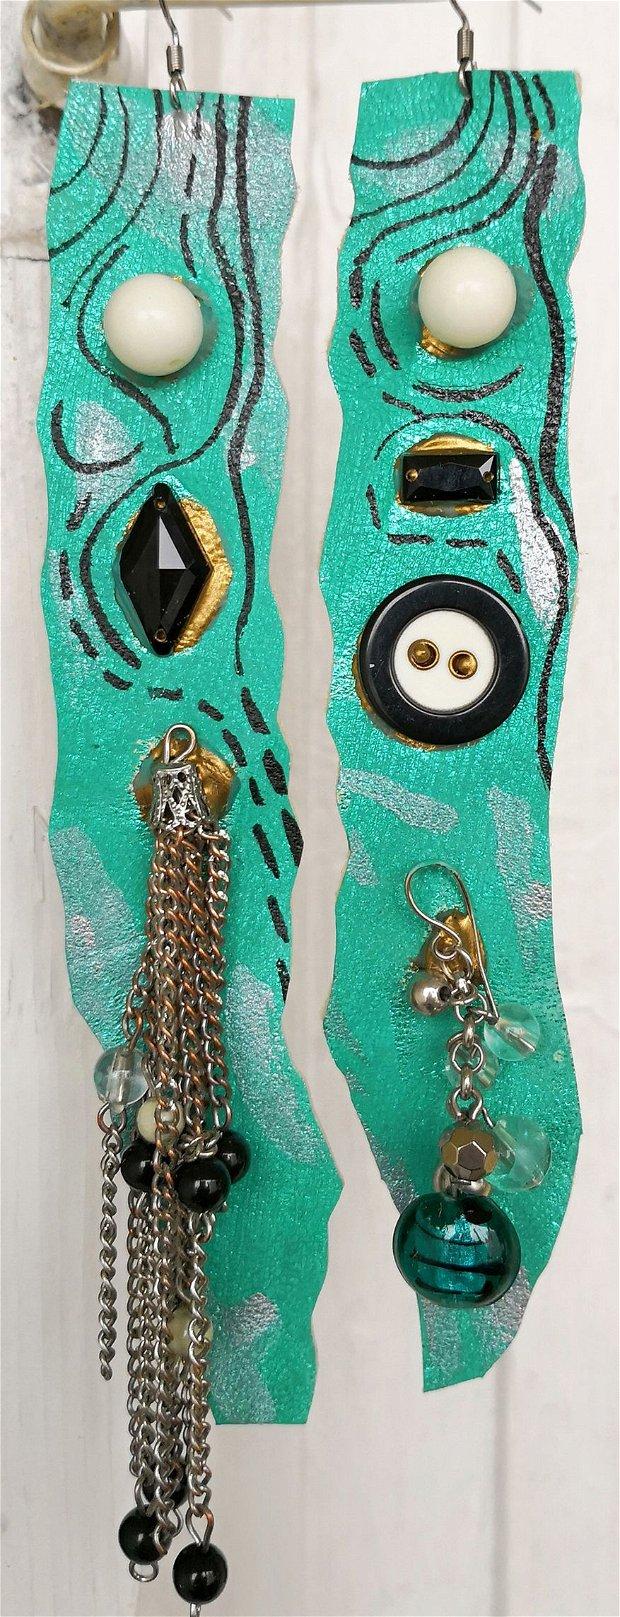 Cercei din piele turcoaz foarte lungi handmade, cercei cu lant si margele